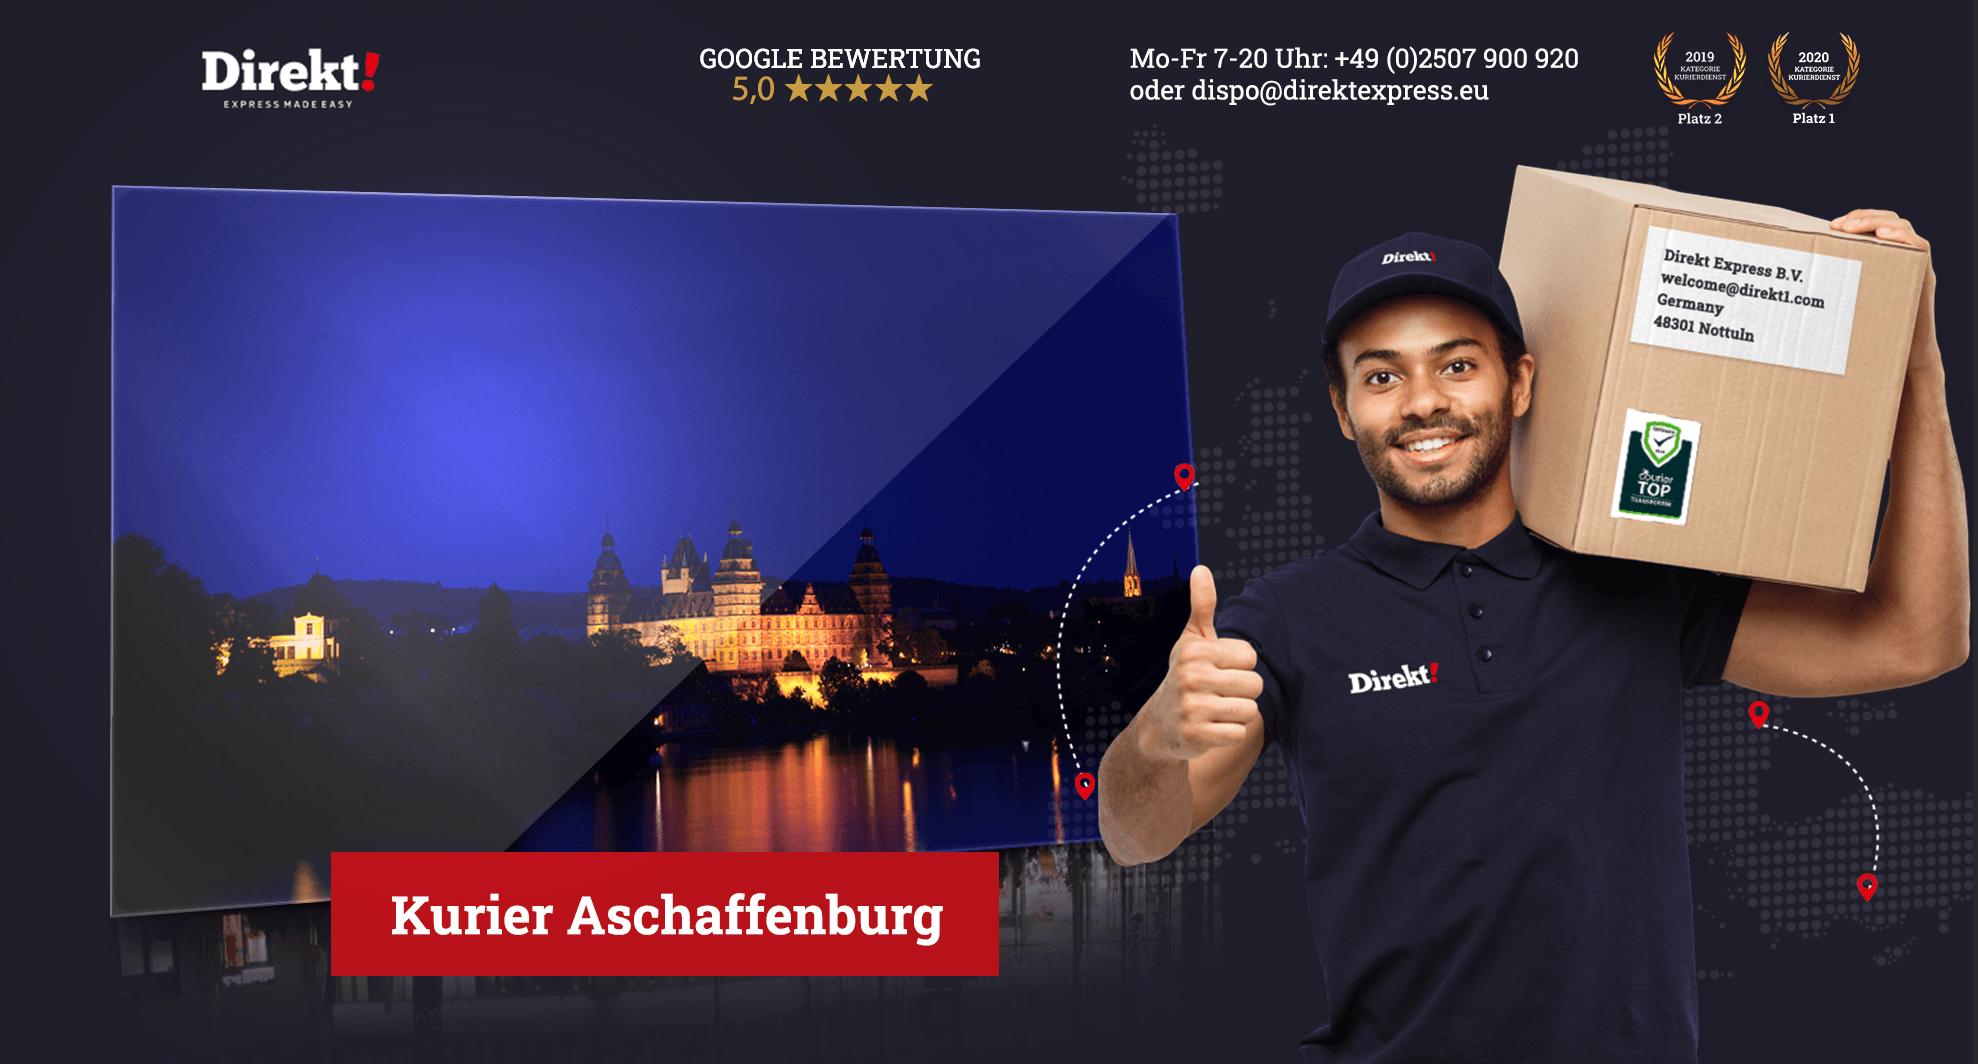 https://direkt1.com/wp-content/uploads/2021/06/kurierdienst-aschaffenburg-direktfahrten-taxi.png